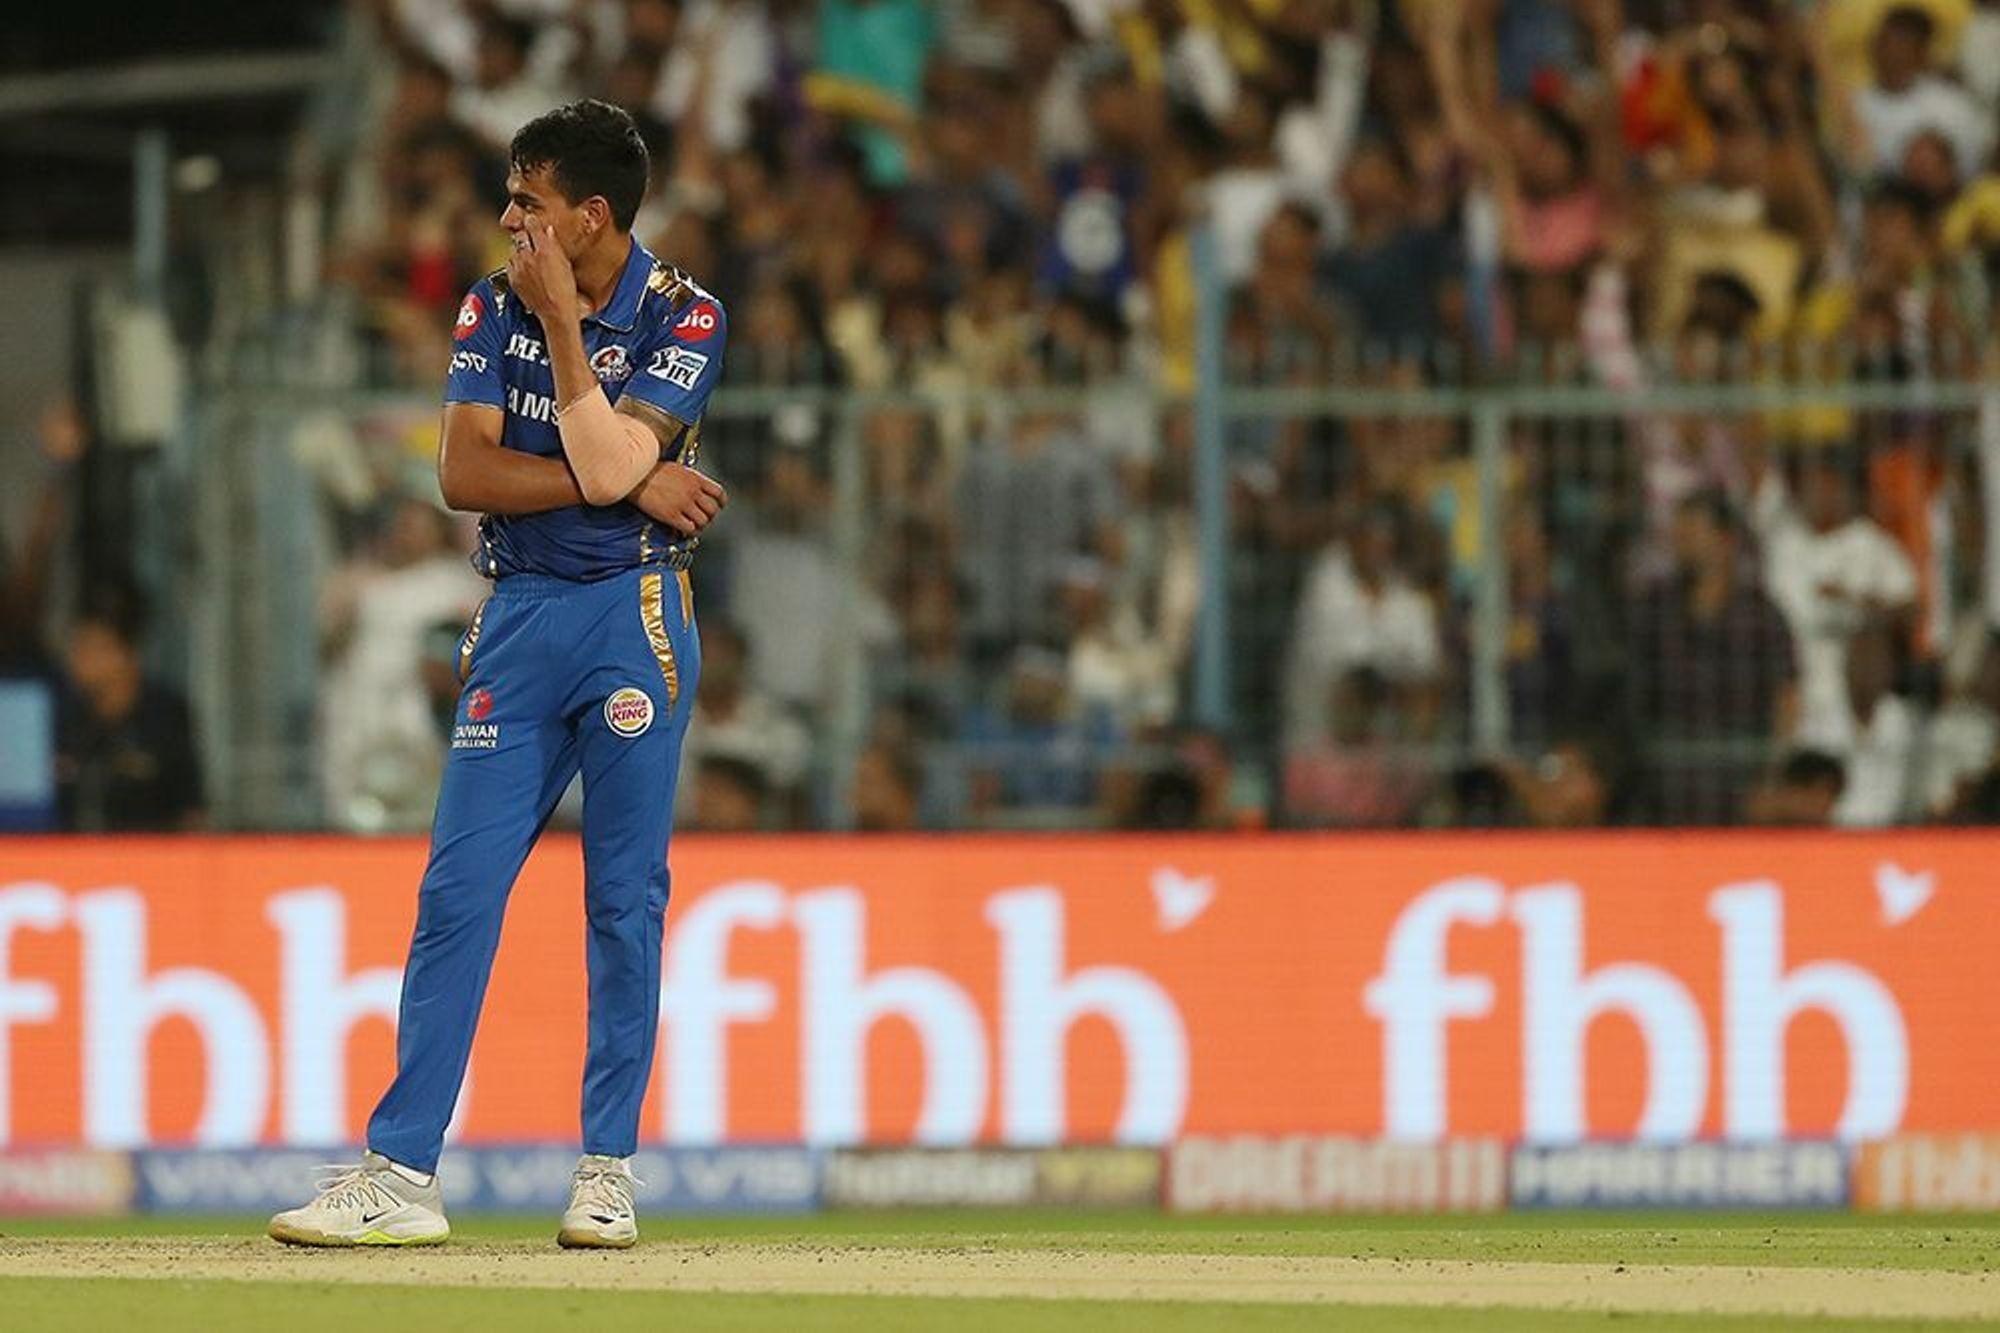 आईपीएल 2019: राहुल चाहर ने खोला अपनी शानदार गेंदबाजी का राज, चेन्नई सुपर किंग्स के इस गेंदबाज से फोन पर लेते हैं टिप्स 5